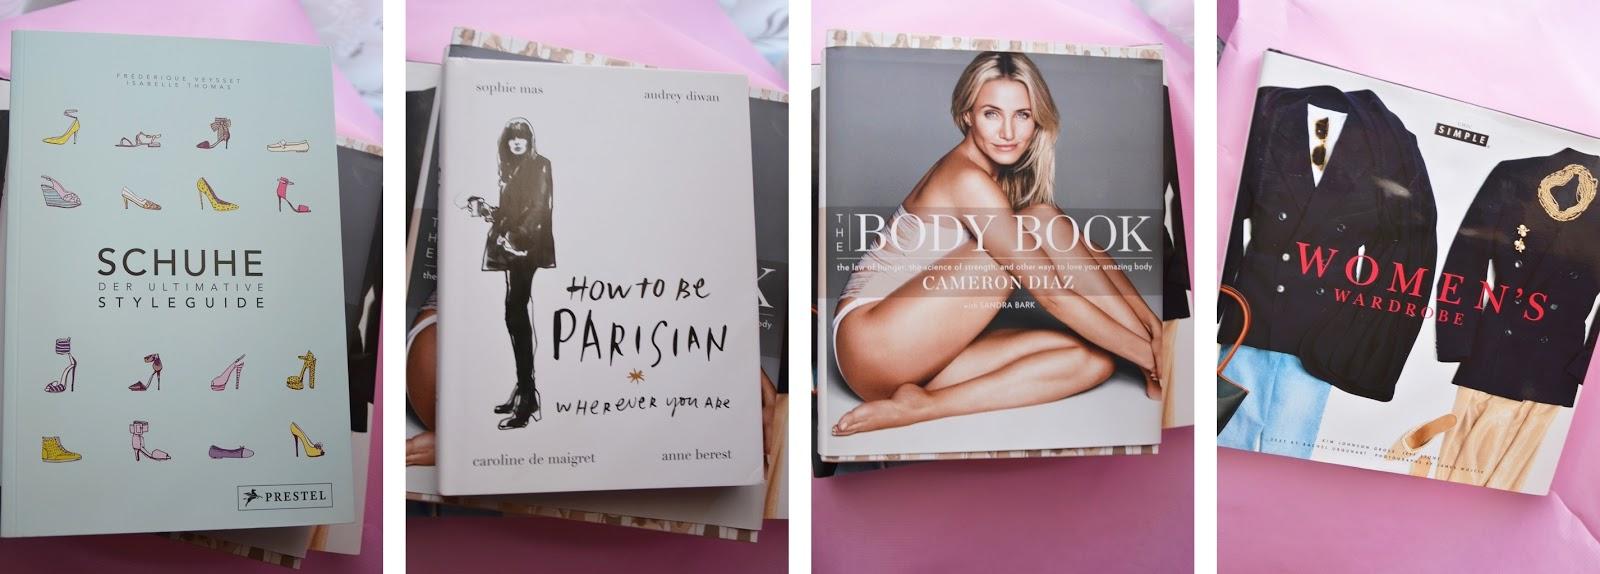 Die Bücher als Geschenke, ein Buch zu Weihnachten schenken, Frauenbücher